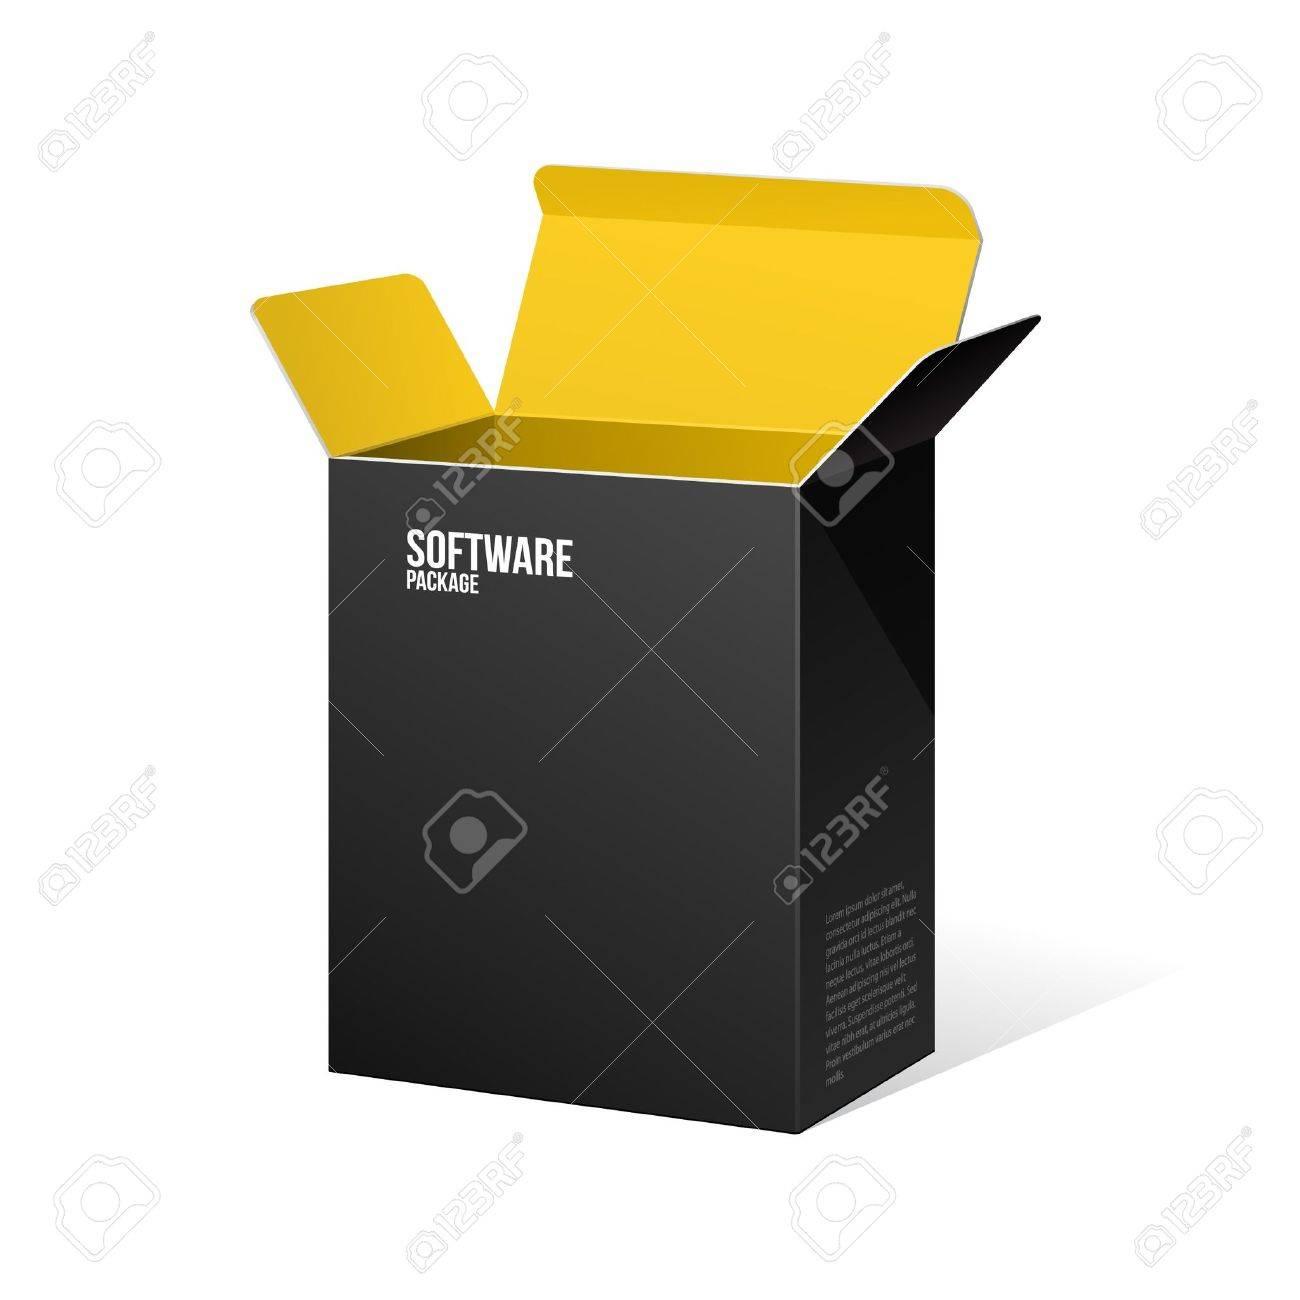 Симс 3 дополнения package скачать